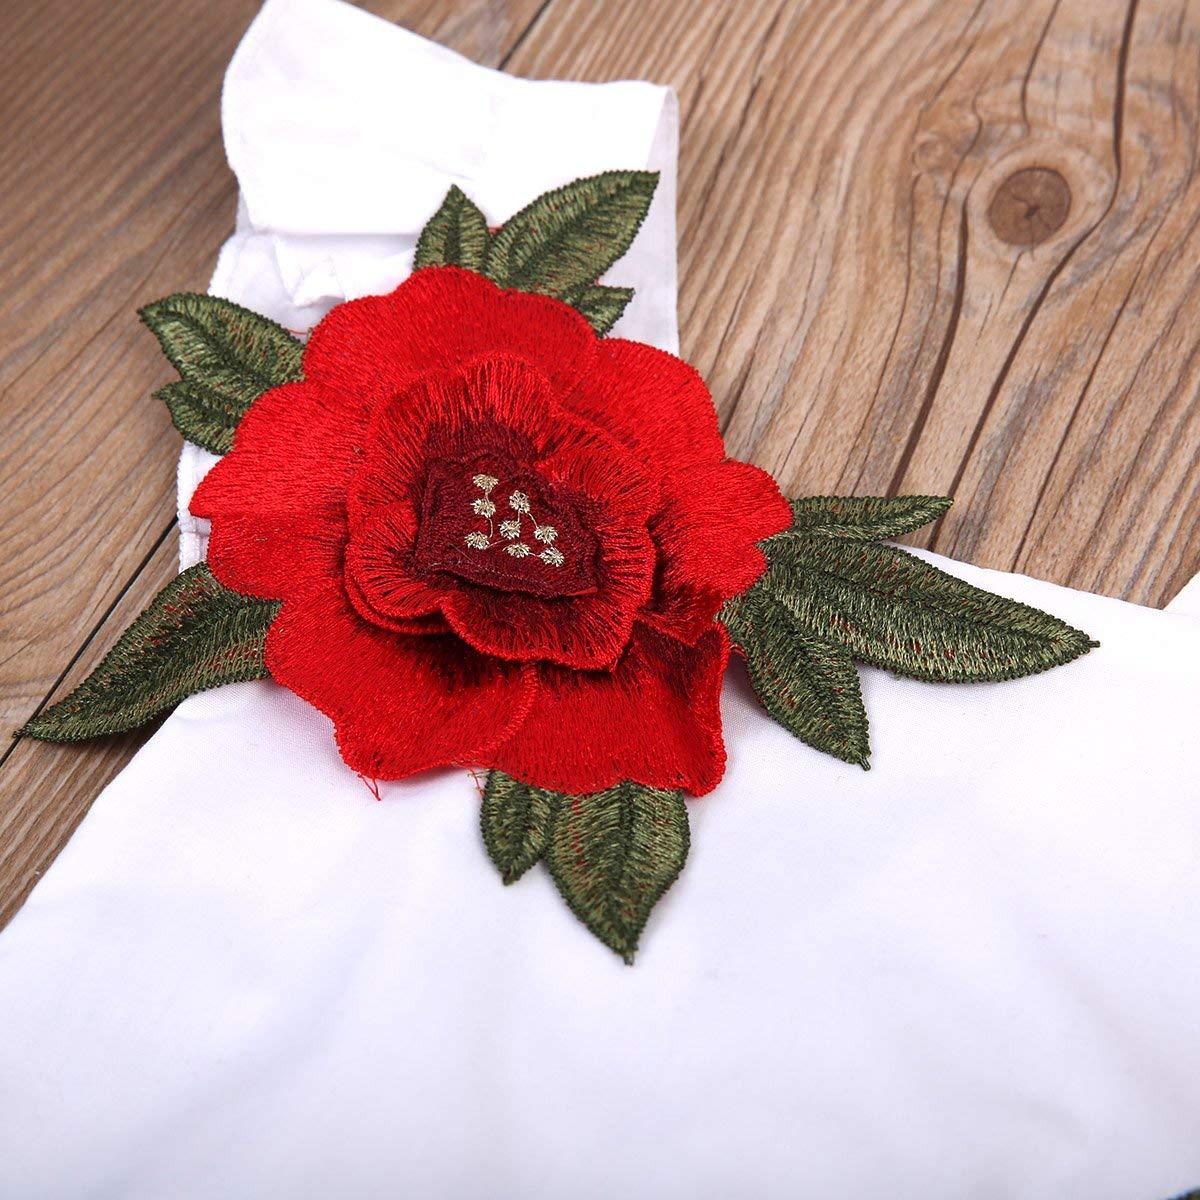 WANGSAURA Baby M/ädchen Strampler Blumen Stickerei Bodys R/üschen Spieler Einteiler Kleinkind Prinzessin Sommerkleid Outfits /Ärmellos s/ü/ße Kleidung 0-24Monate